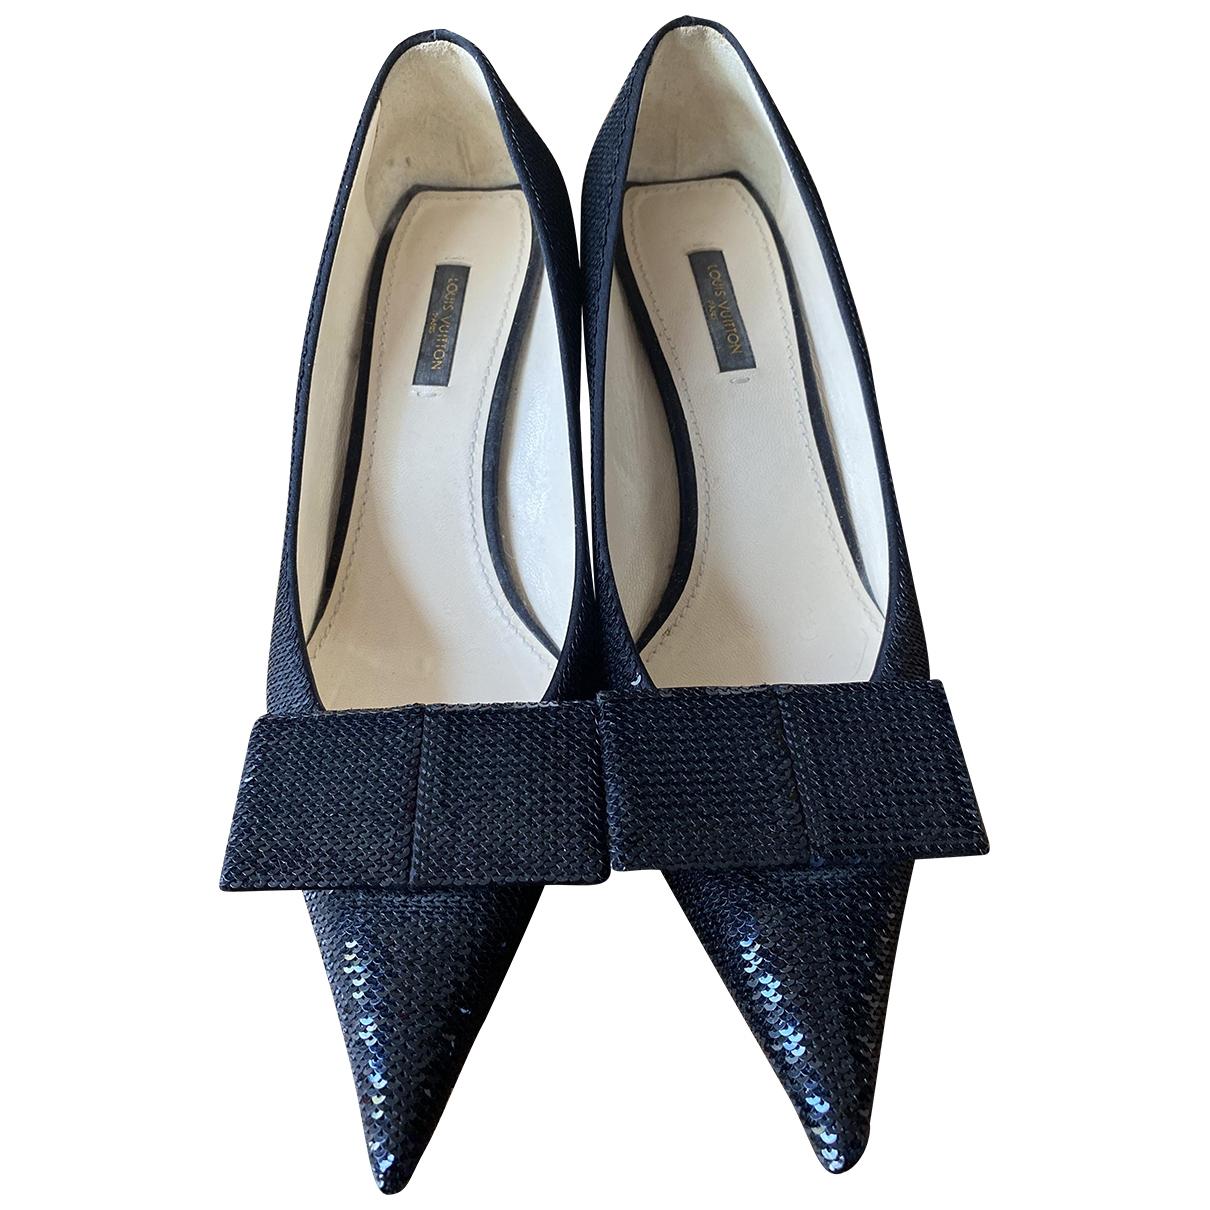 Louis Vuitton - Escarpins   pour femme en a paillettes - noir